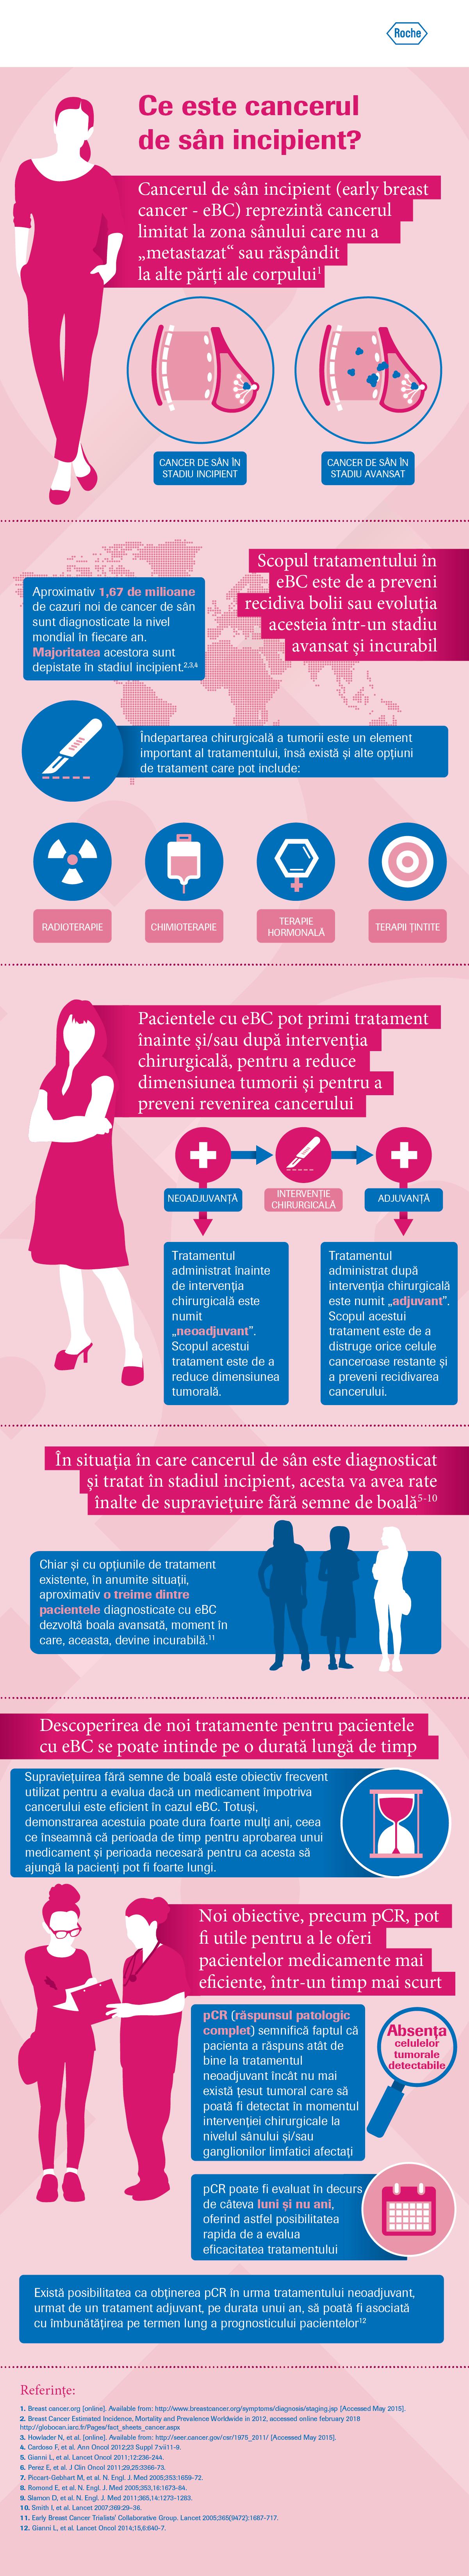 Ce complicatii sunt posibile in cancerul mamar avansat